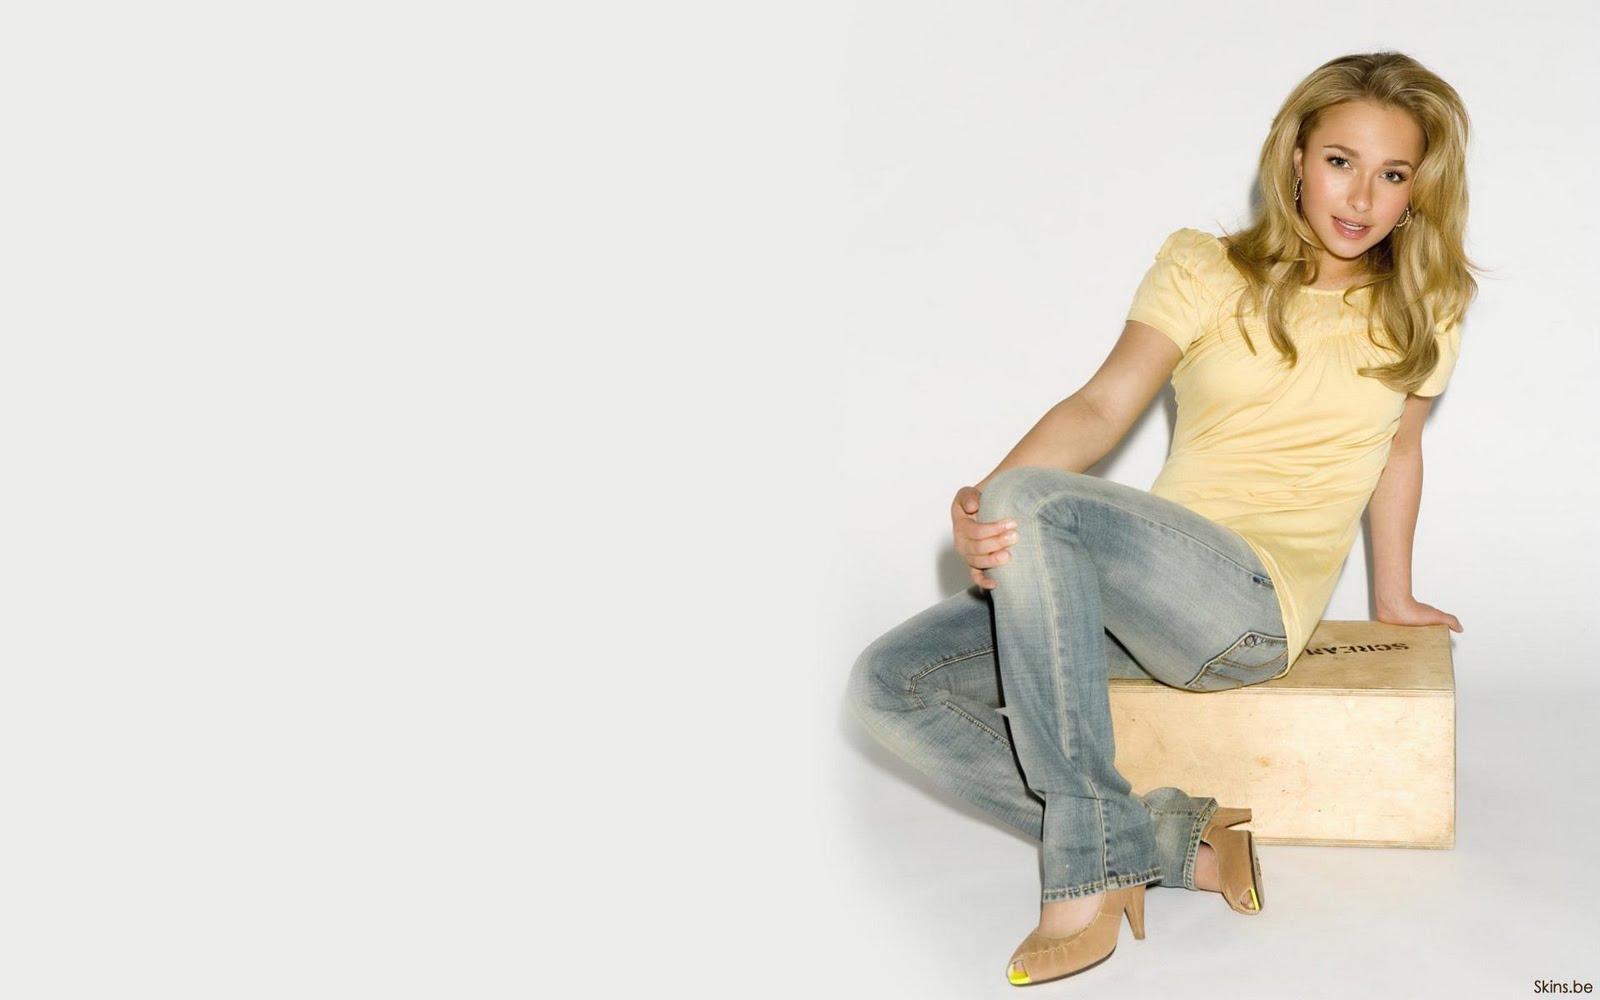 http://3.bp.blogspot.com/-M77MQ0AtcHs/Ttovr1JXAvI/AAAAAAAAJ4E/V6e4nu0y8MQ/s1600/Hayden_Panettiere_actress_Wallpapers_01.jpg